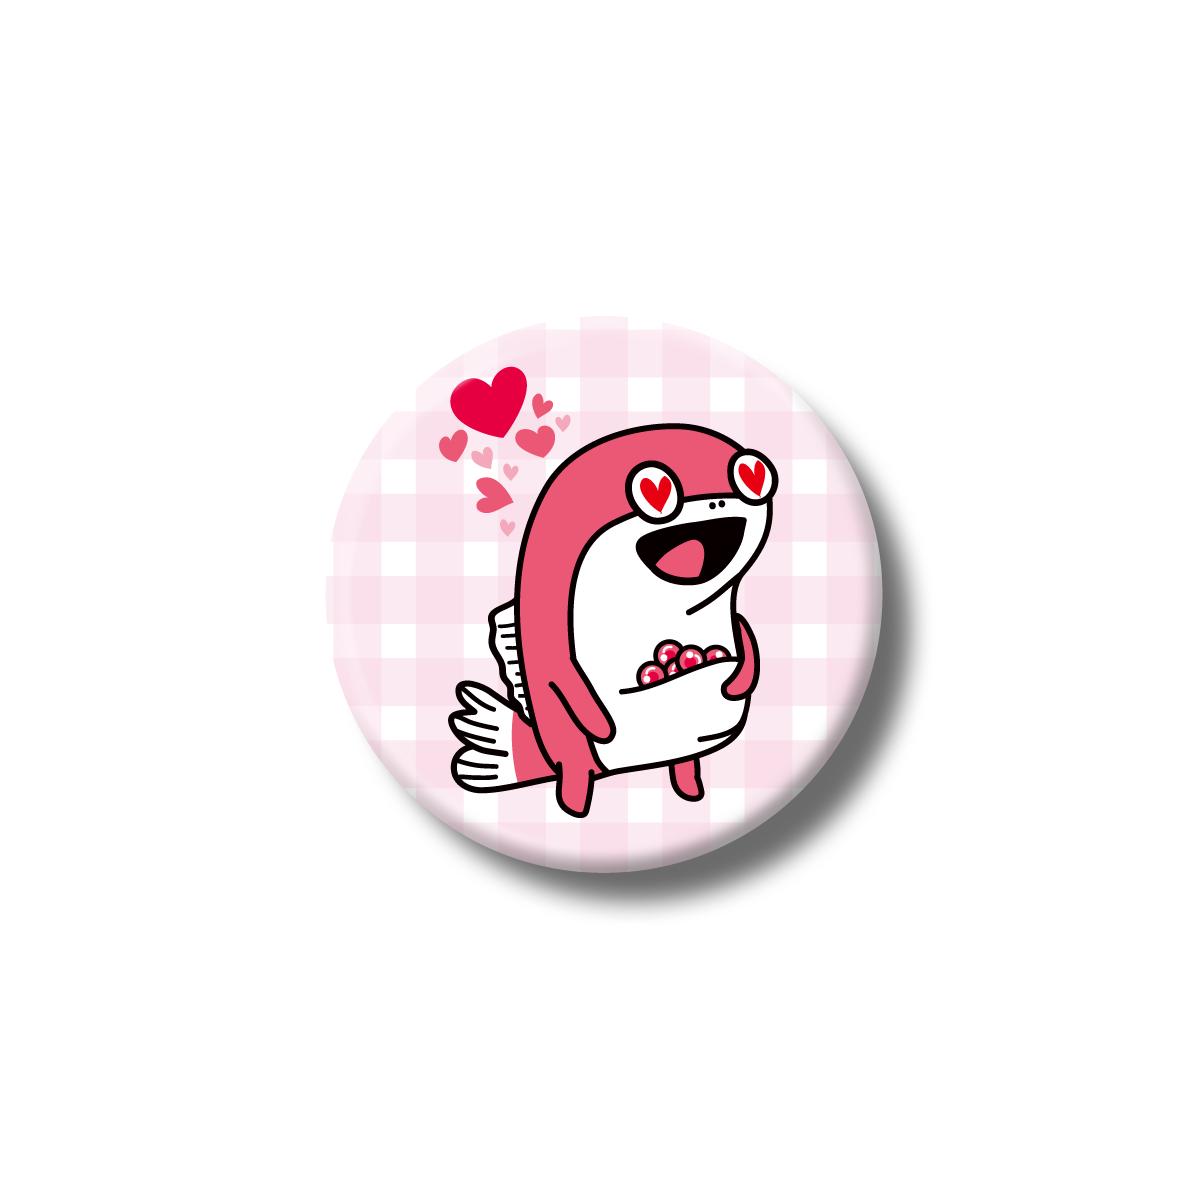 コイス缶バッジ (LOVE)